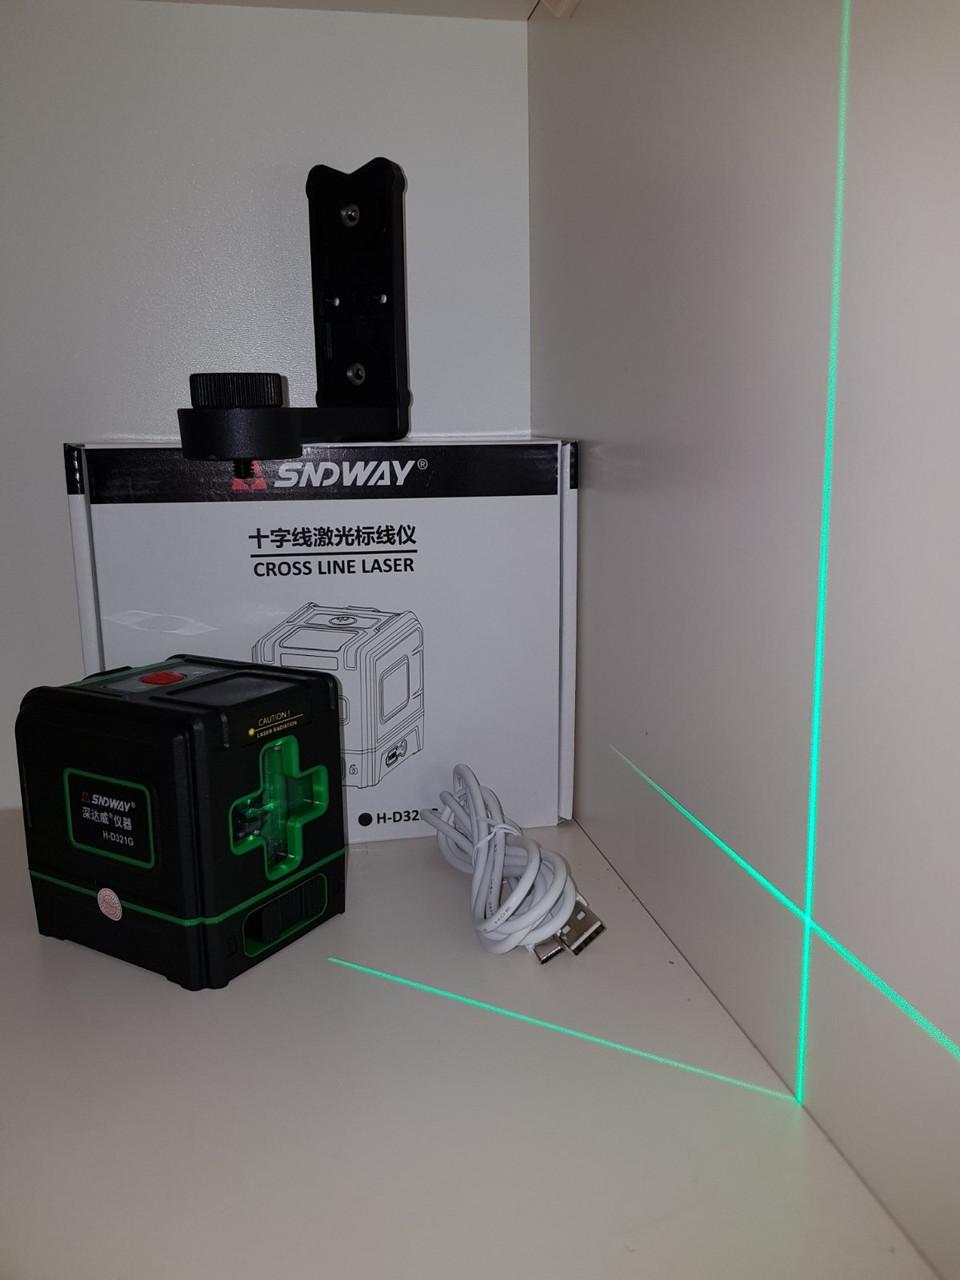 БИРЮЗОВЫЙ ЛУЧ 50м🟢 Лазерный уровень SNDWAY H-D331g ⚠️Акция→кронштейн ⚠️Li-ion⚠️Tupe-C⚠️наклонный режим⚠️